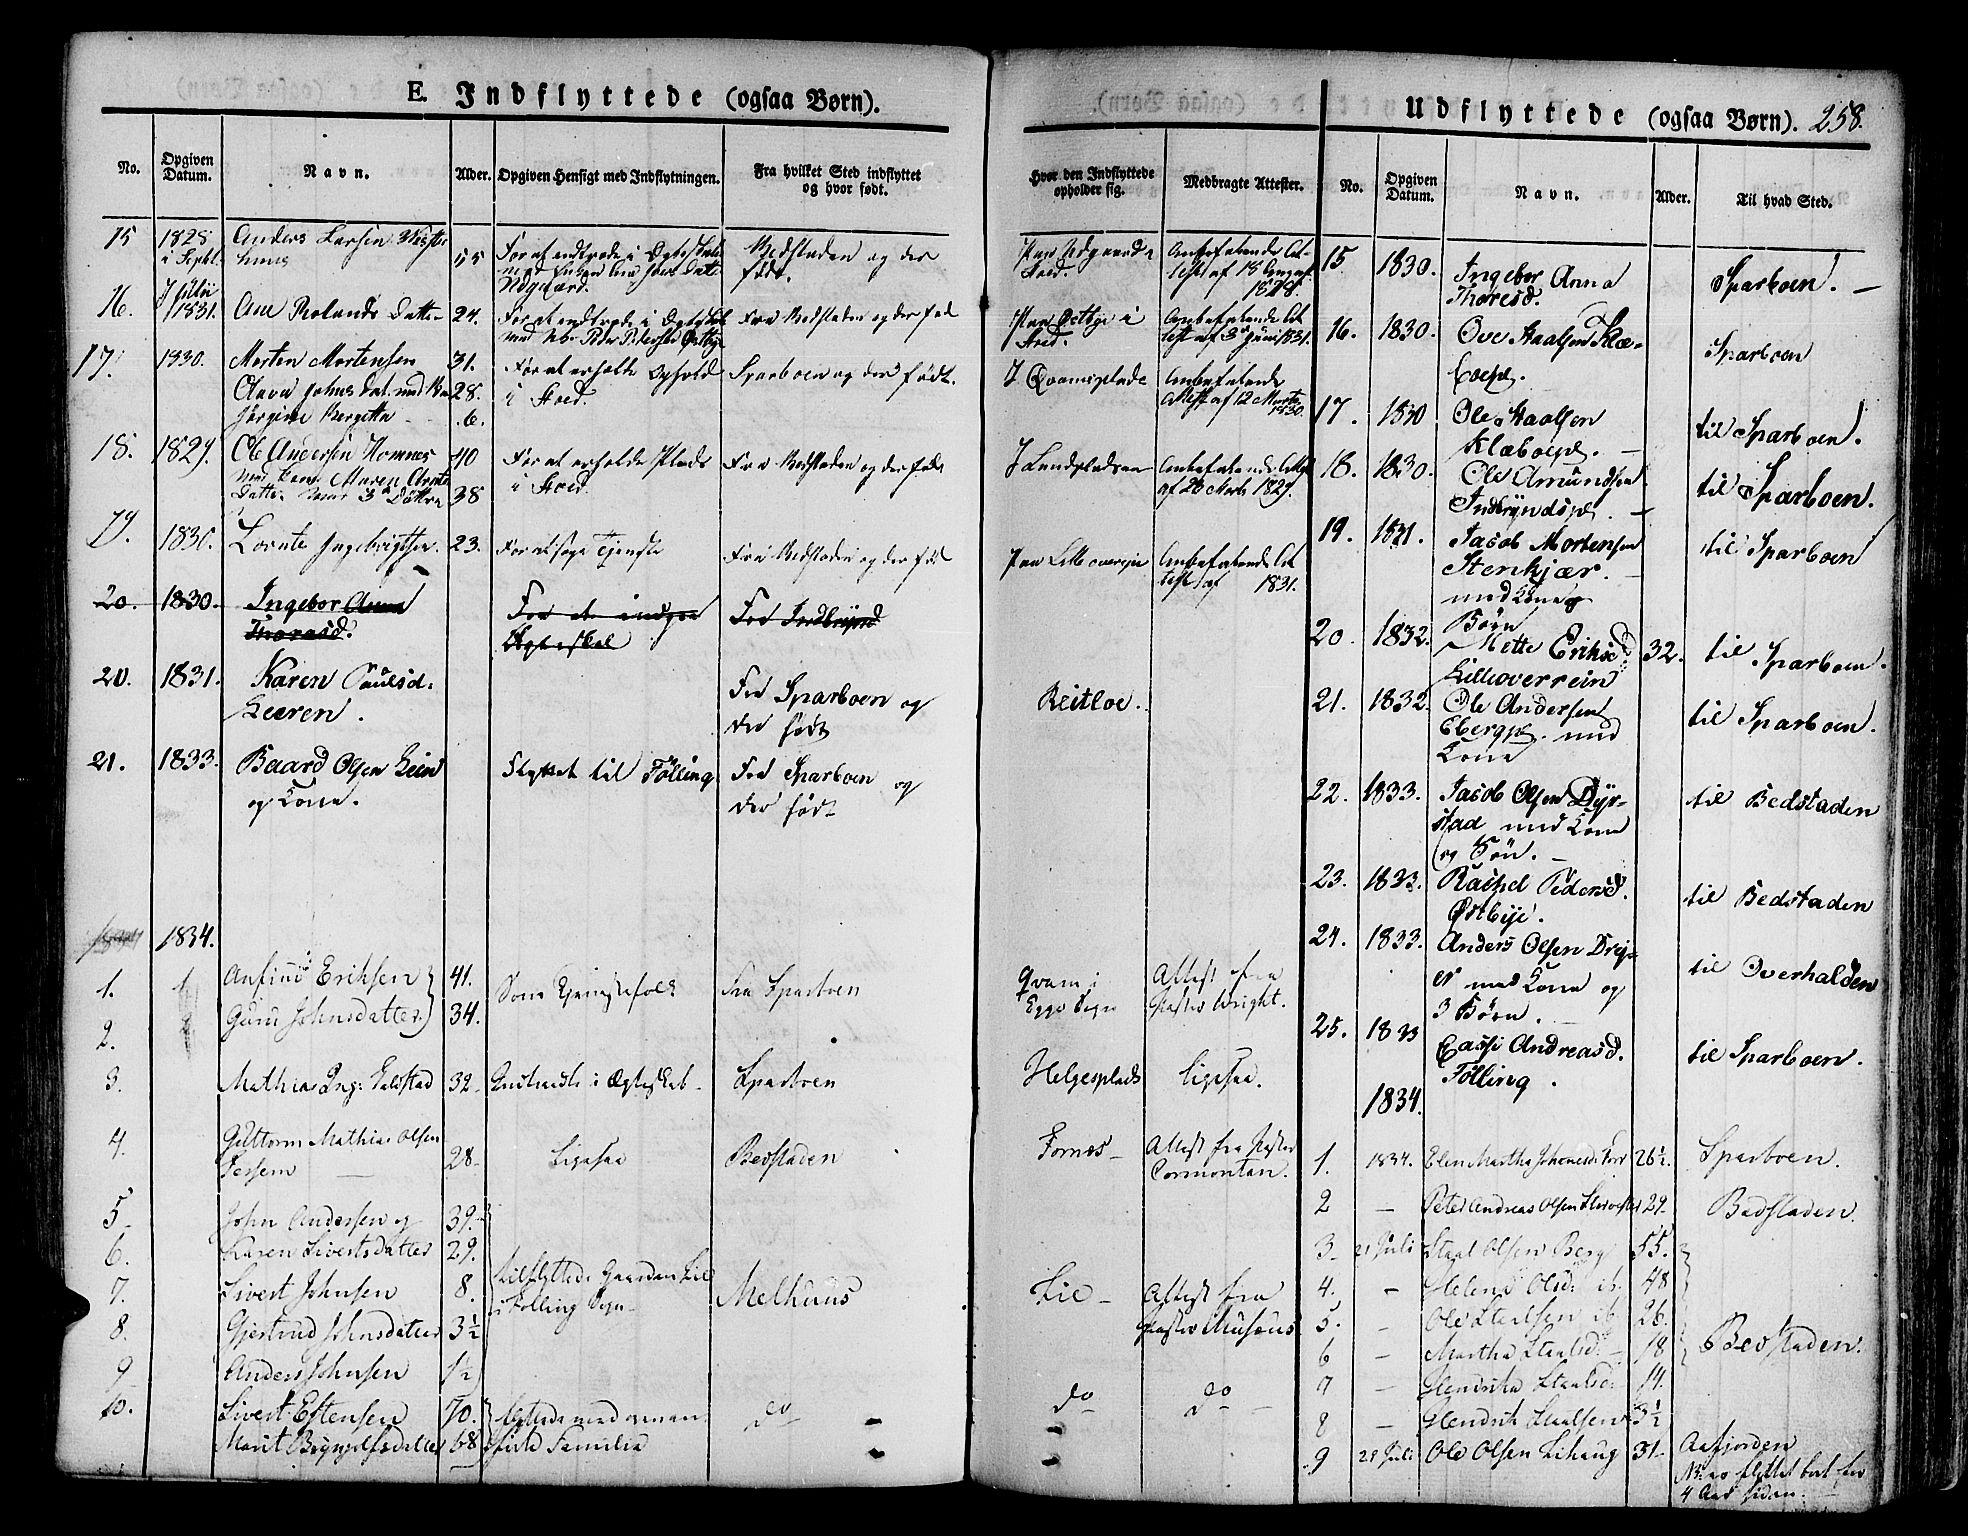 SAT, Ministerialprotokoller, klokkerbøker og fødselsregistre - Nord-Trøndelag, 746/L0445: Ministerialbok nr. 746A04, 1826-1846, s. 258